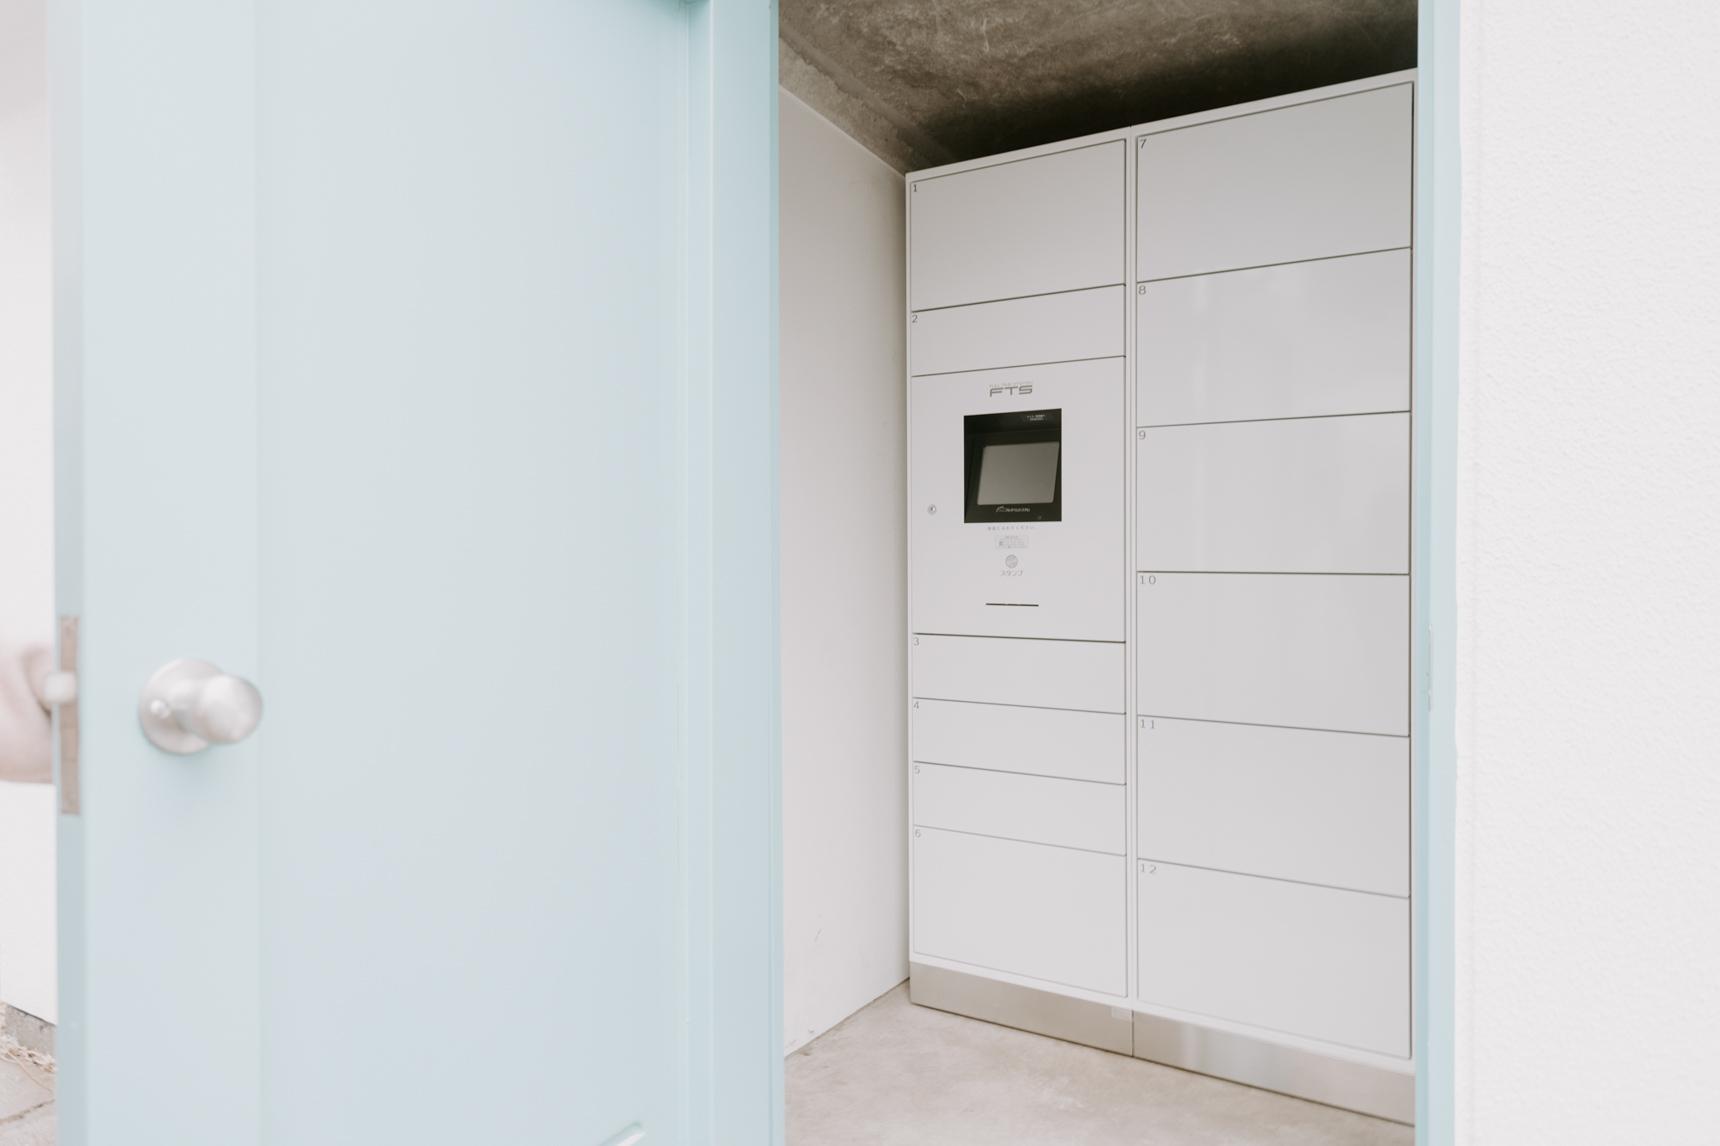 仕事で毎日遅くても安心できるように、共用スペースには宅配ボックスも完備しています。